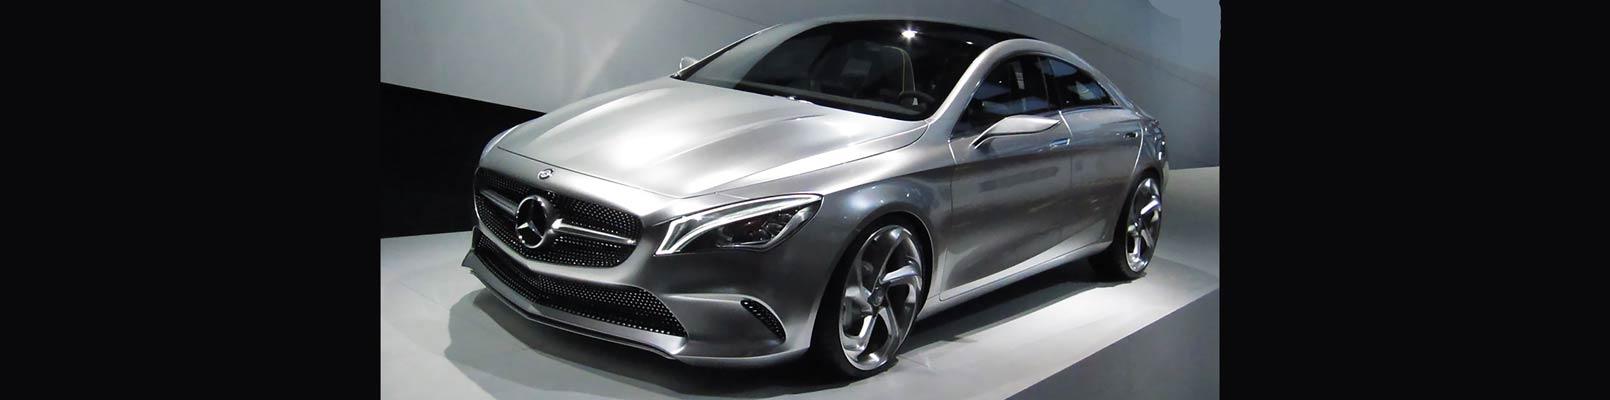 premiu mașină betano